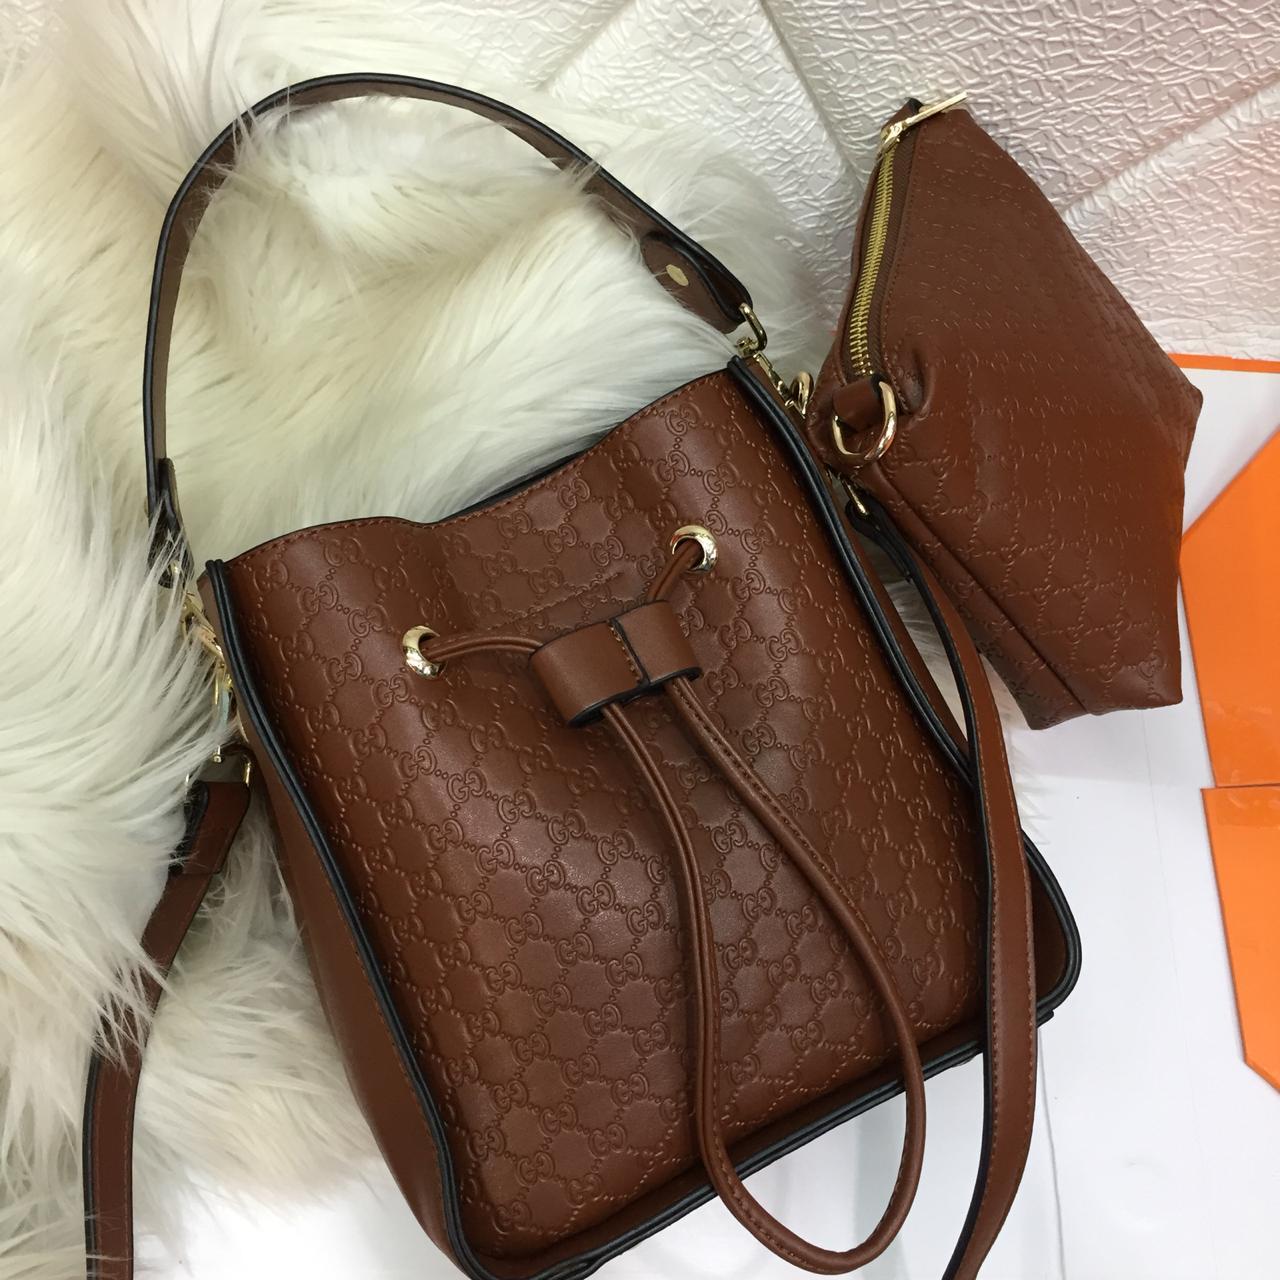 Tas Import Wanita Fashion Brown - List Harga Terkini dan Terlengkap 66e8012397